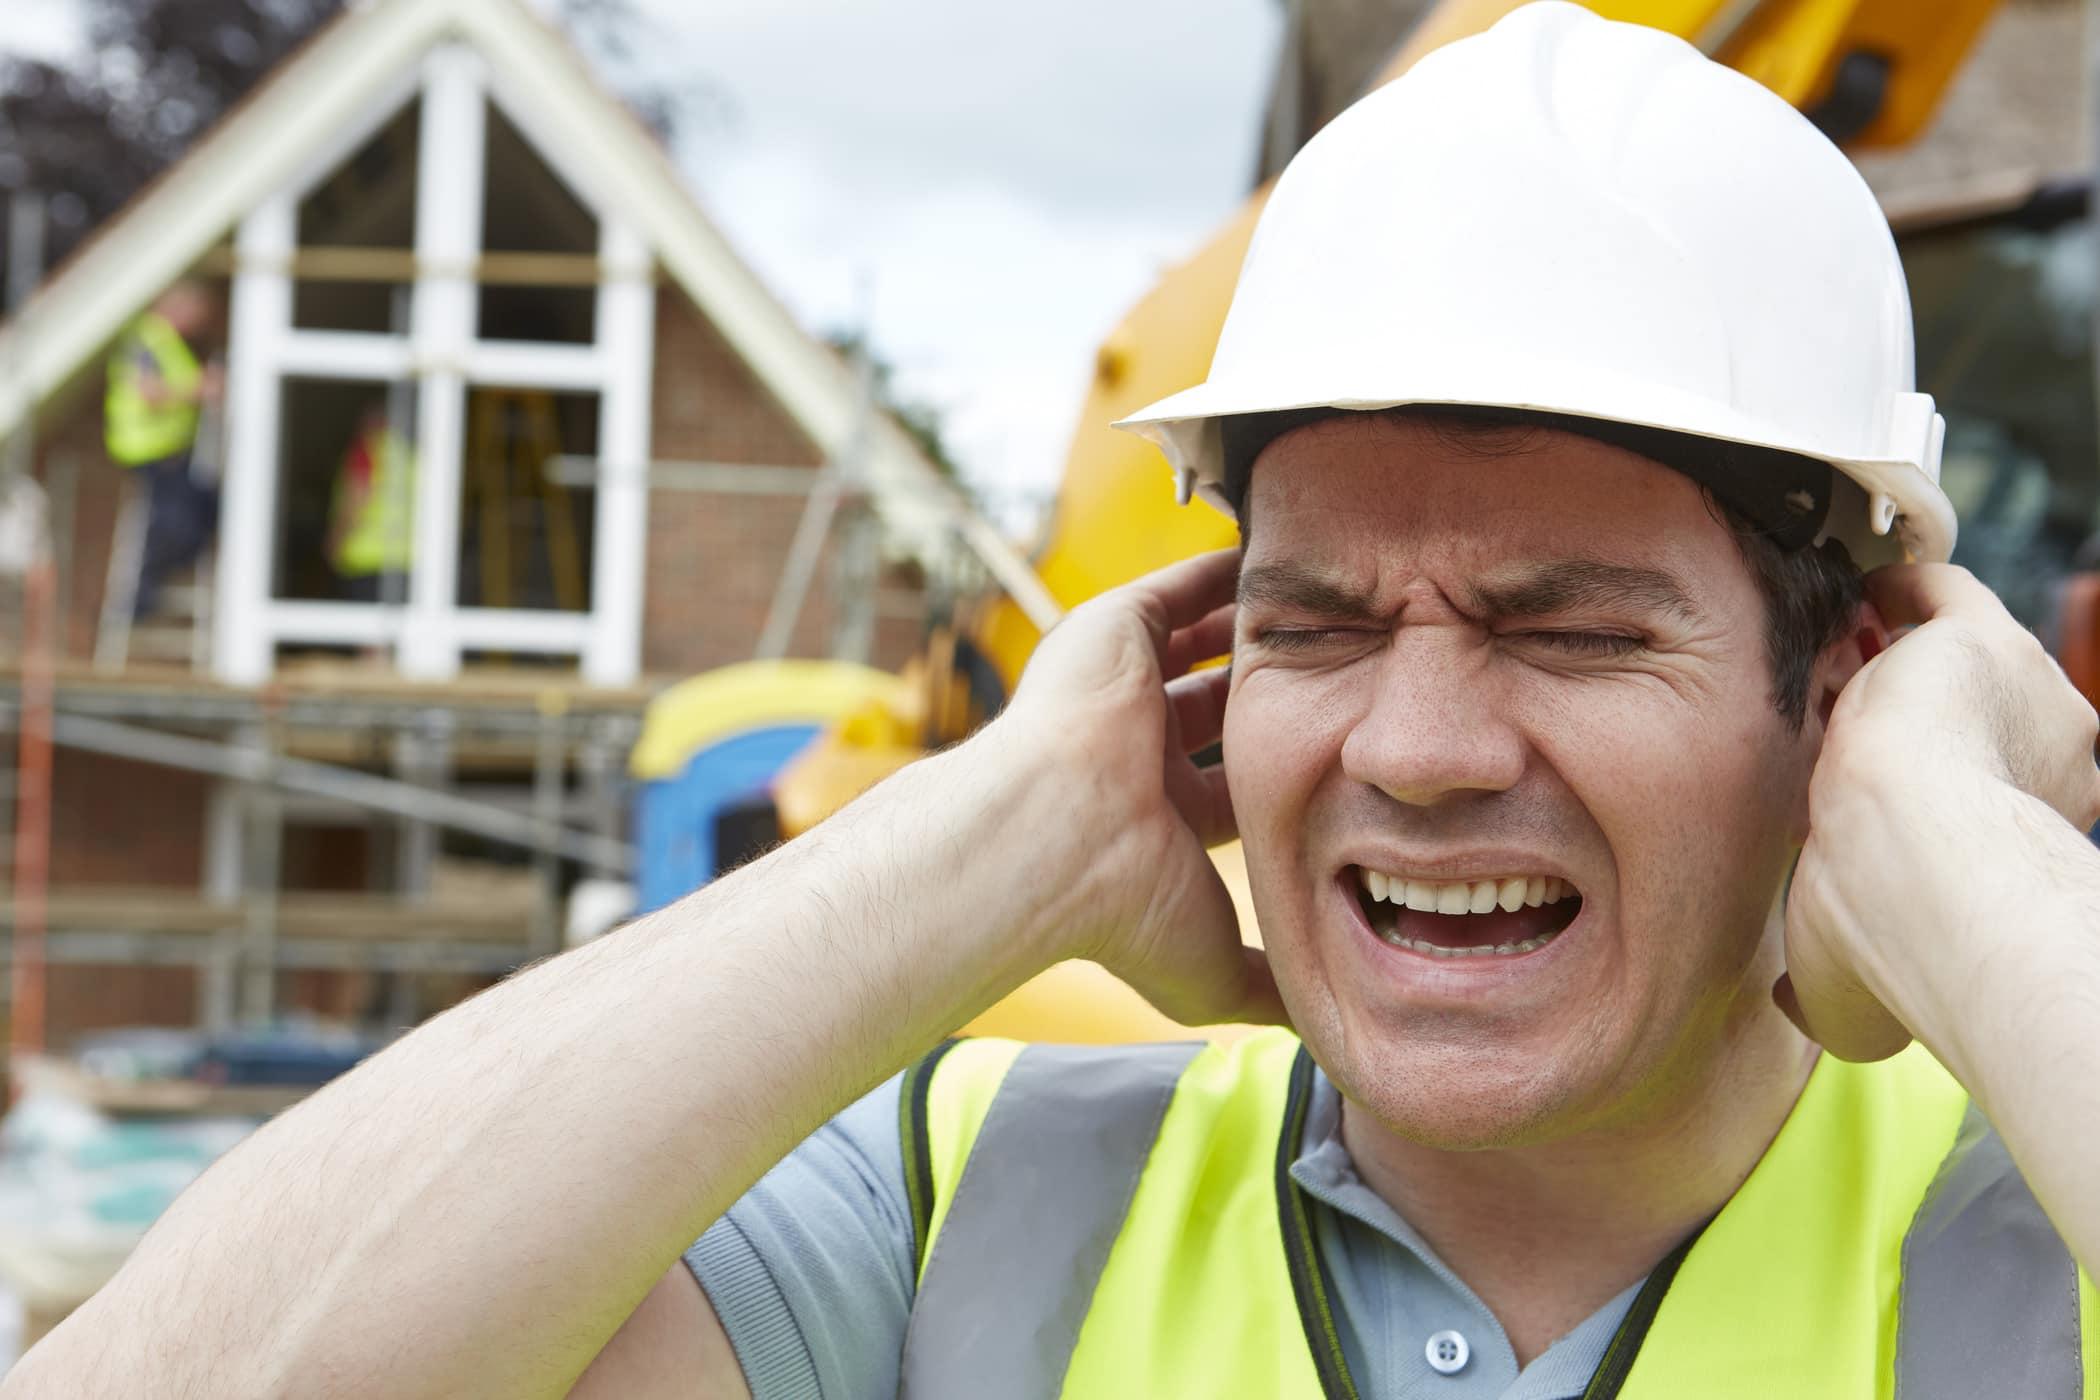 gangguan pendengaran akibat kebisingan pada tenaga kerja